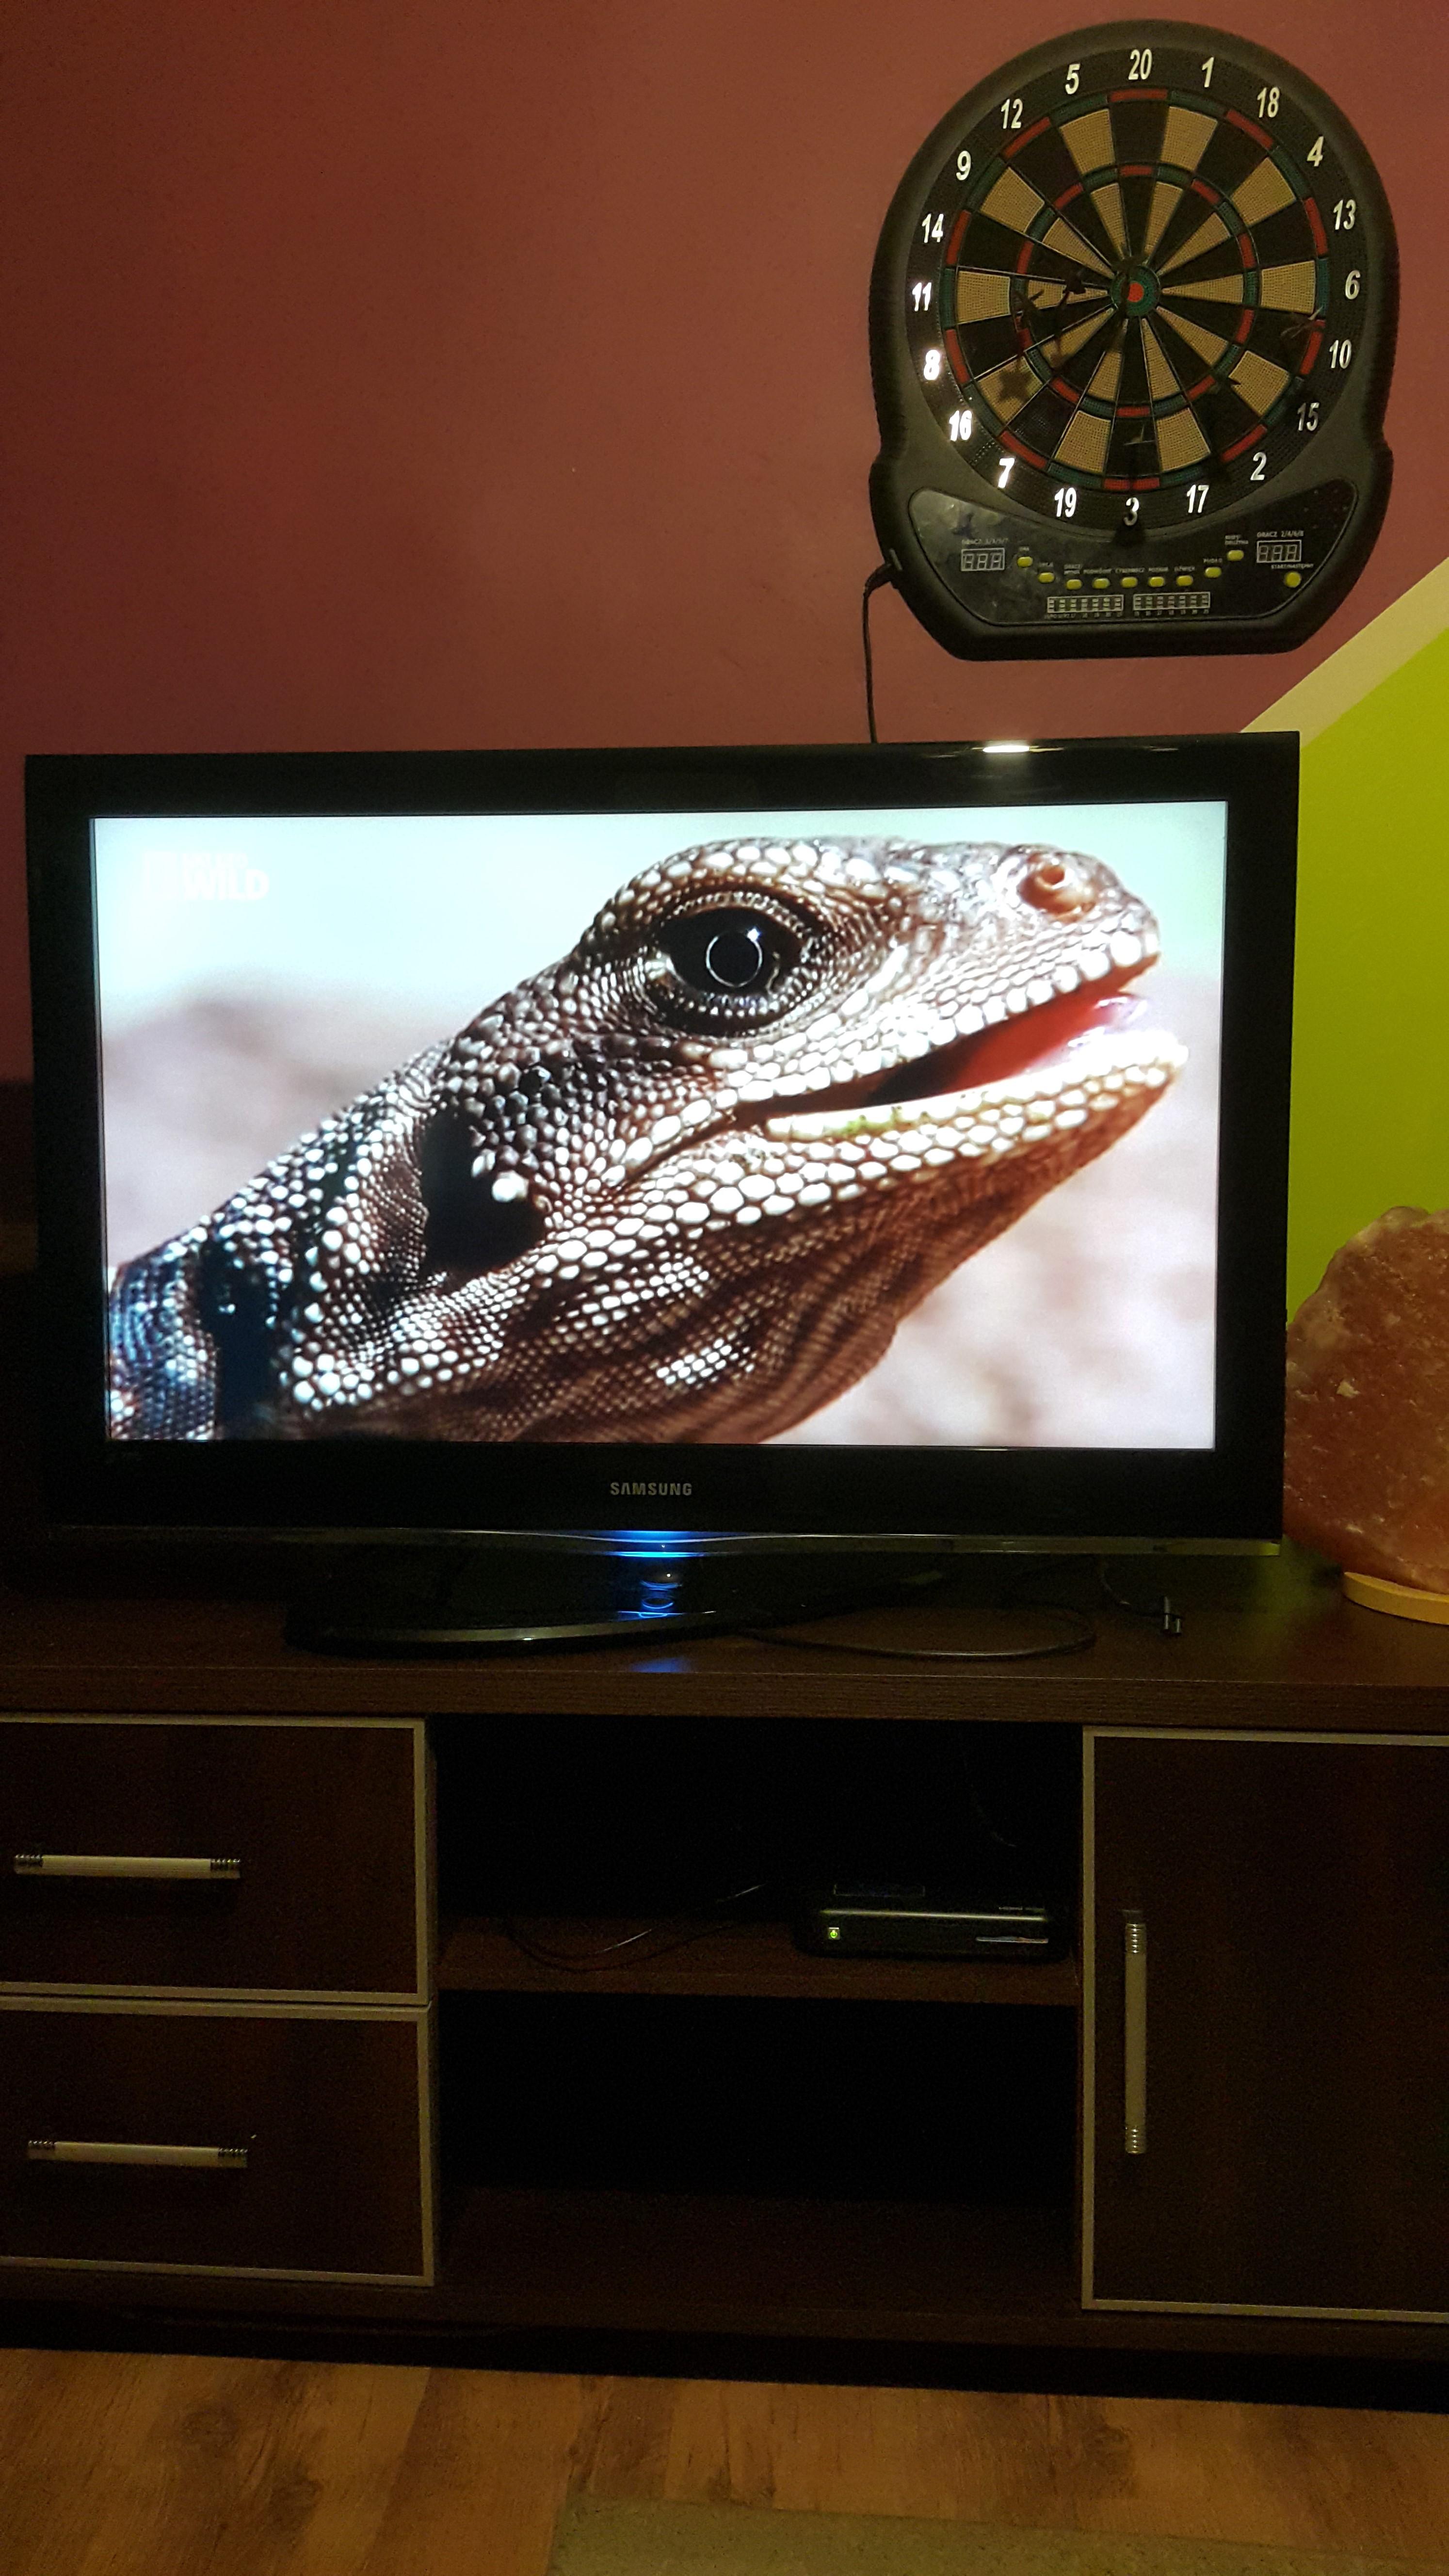 Sprzedam telewizor Samsung 40